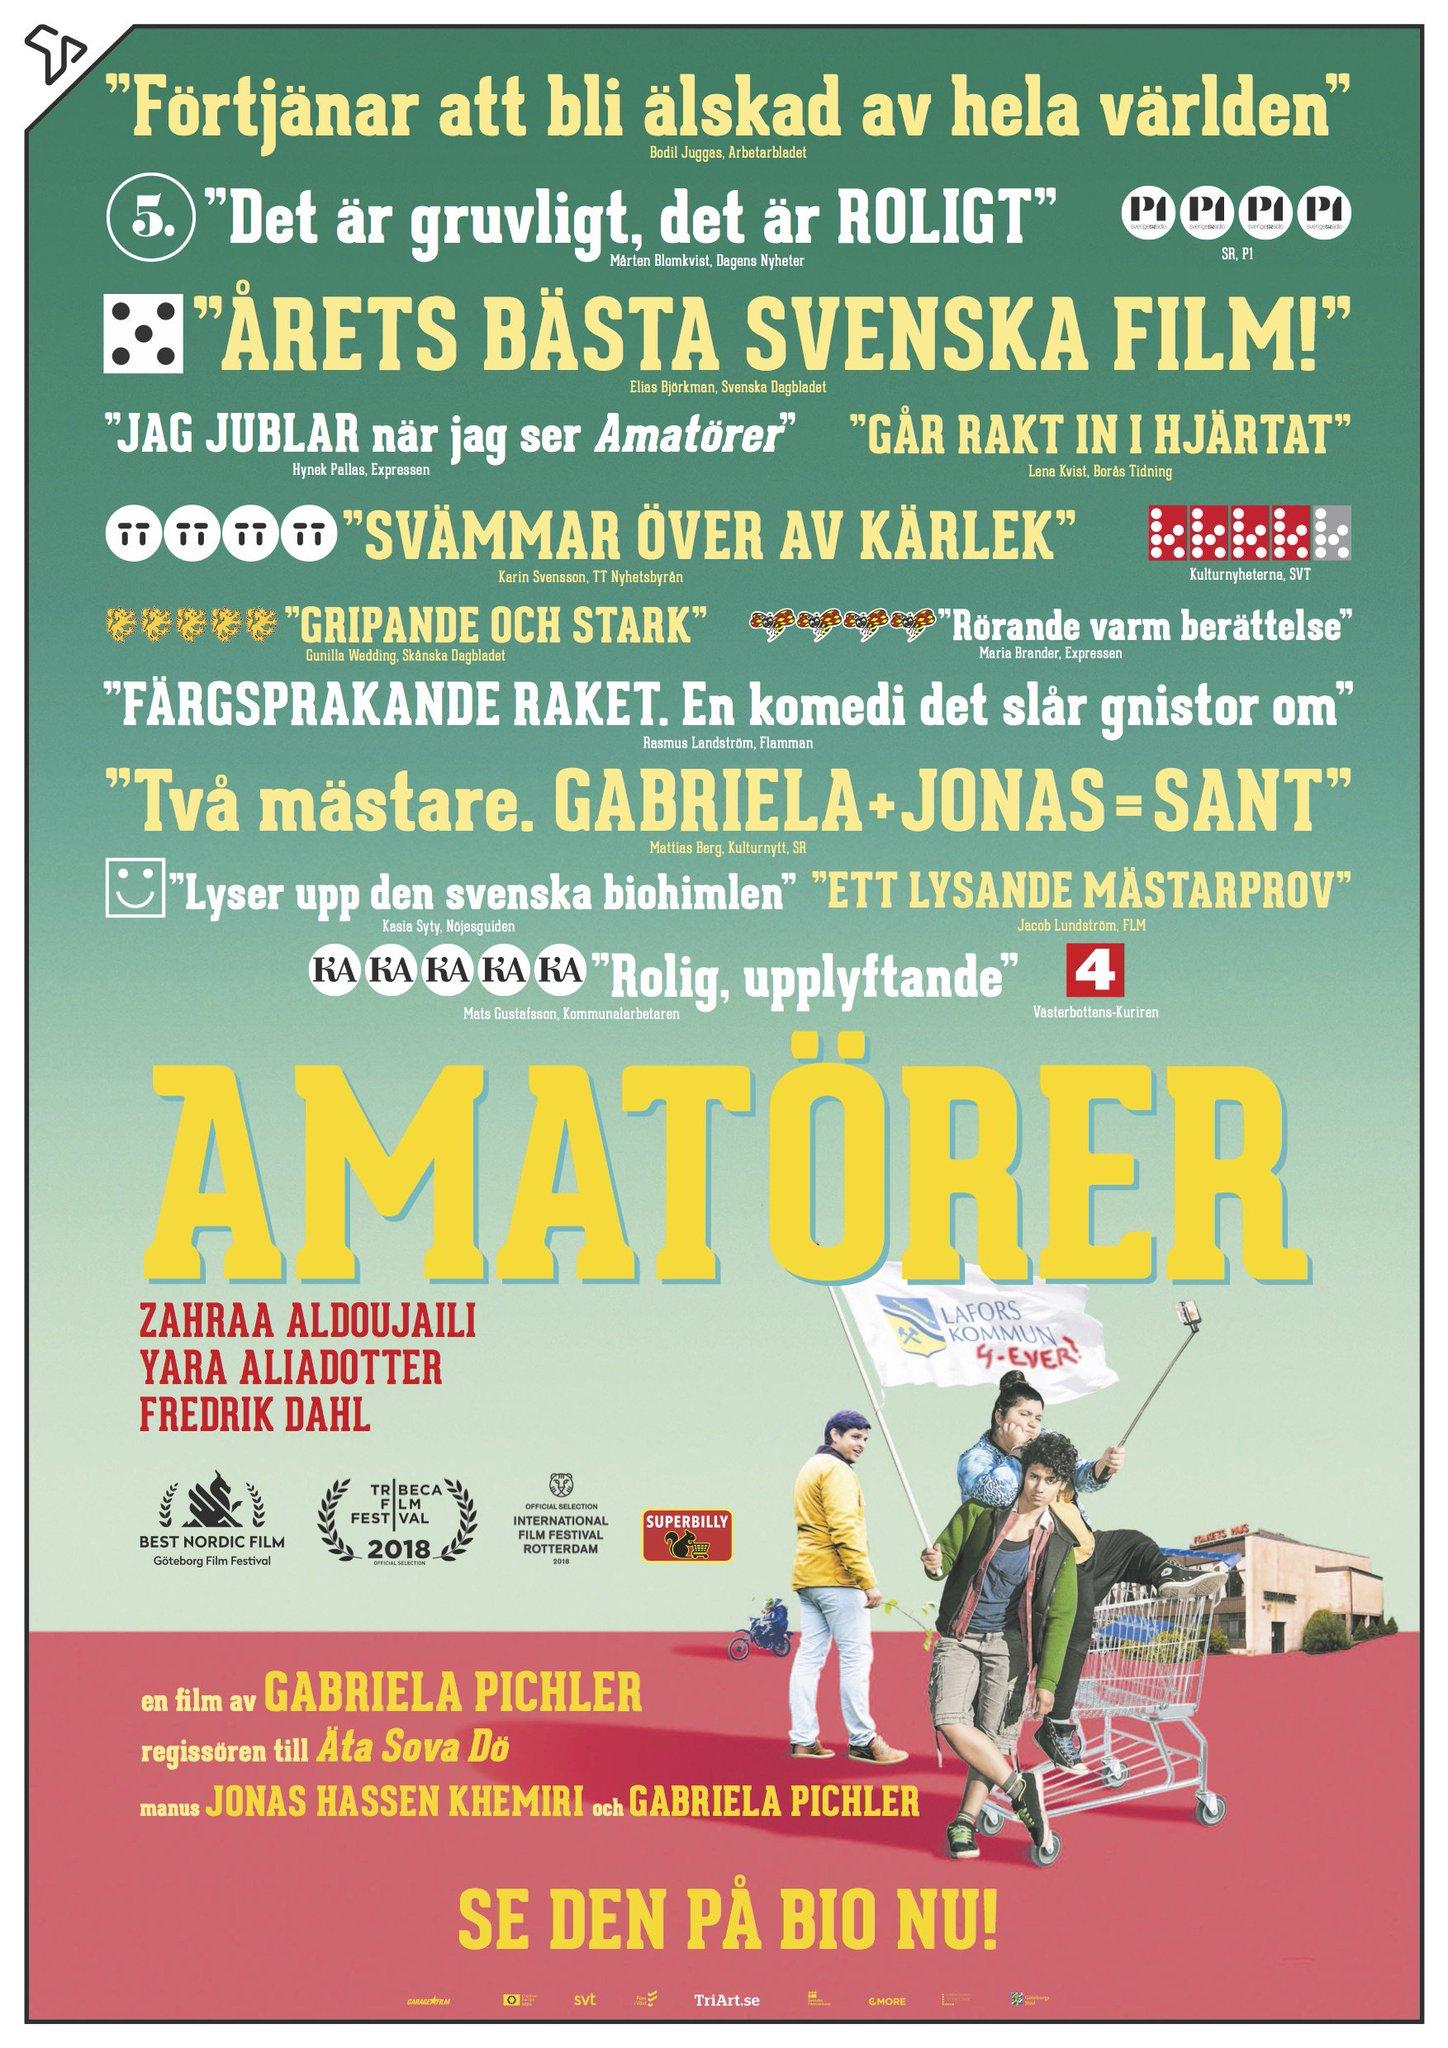 Kuvahaun tulos haulle amatörer film poster